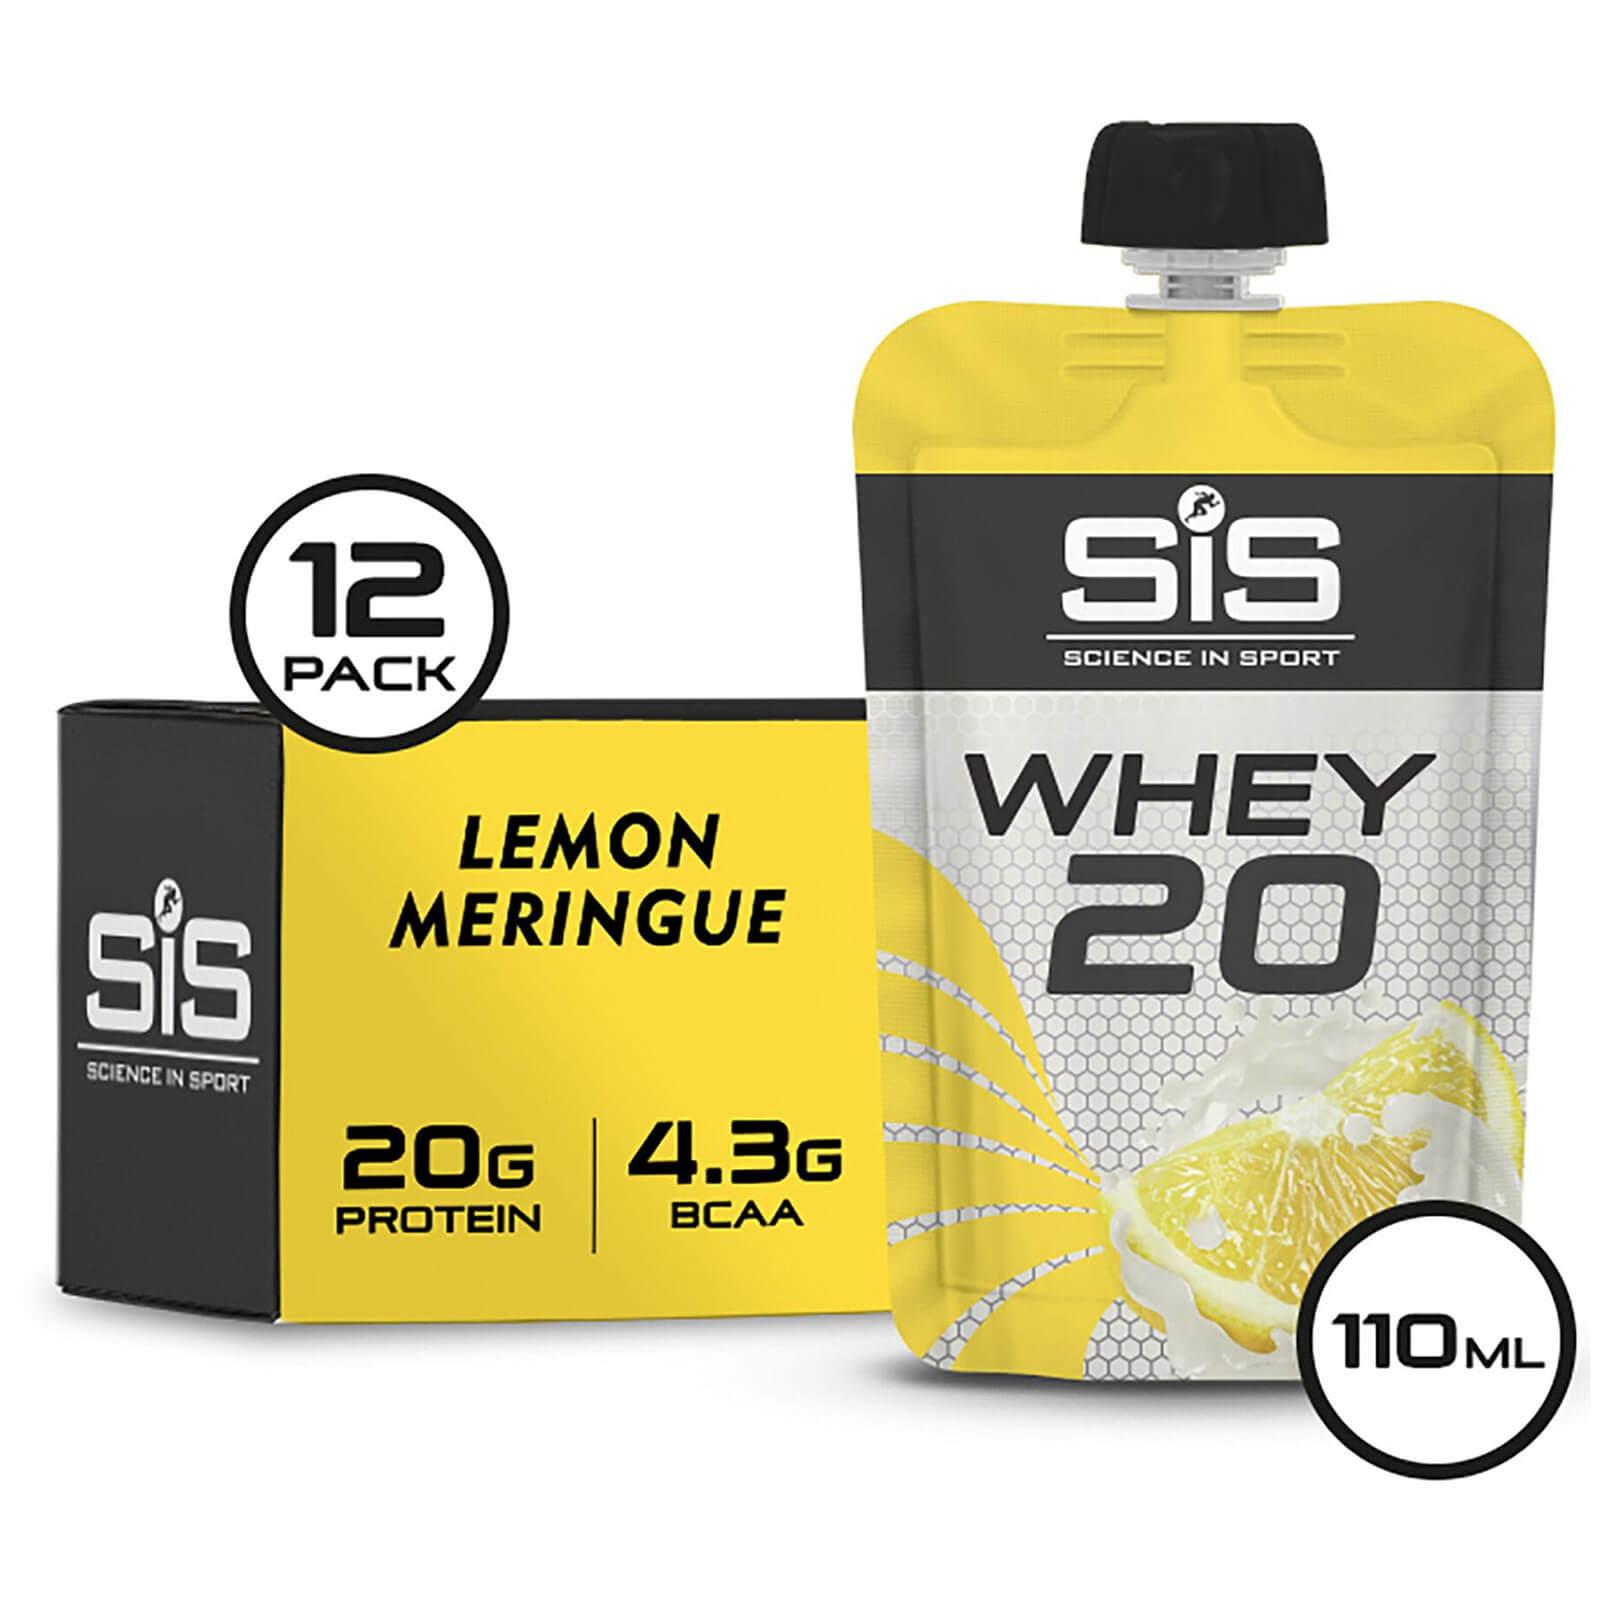 Science in Sport Whey20 Protein Supplement 110g Sachet Pack of 12 - Lemon Meringue